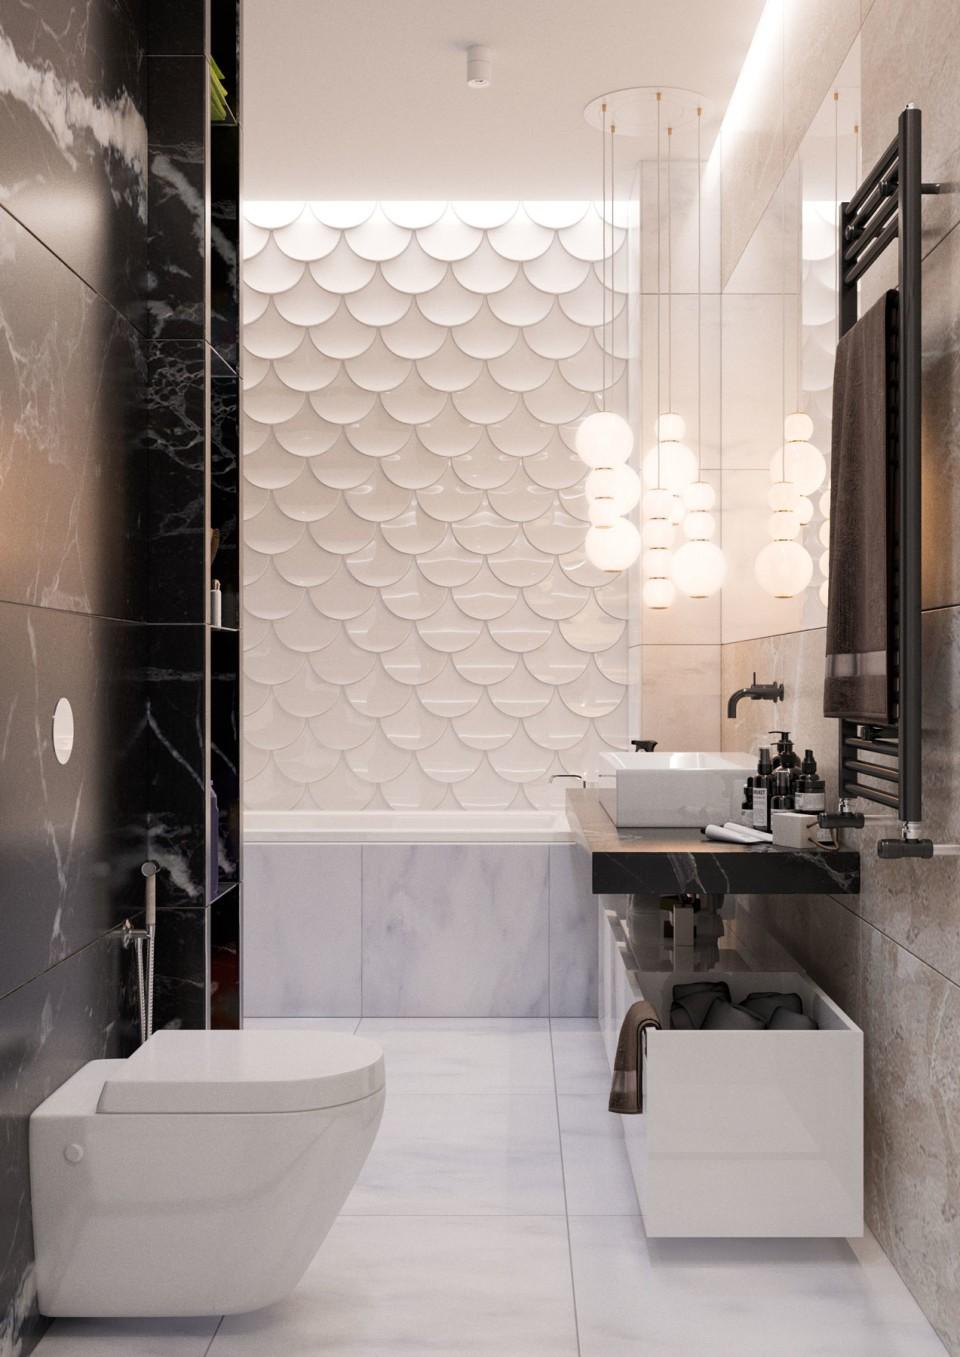 дизайн, проект, интерьер, квартира, ремонт, ванная, ванна, ванная комната, современный, стильный, квартира для молодой девушки, молодежный интерьер, деревянный, светлый